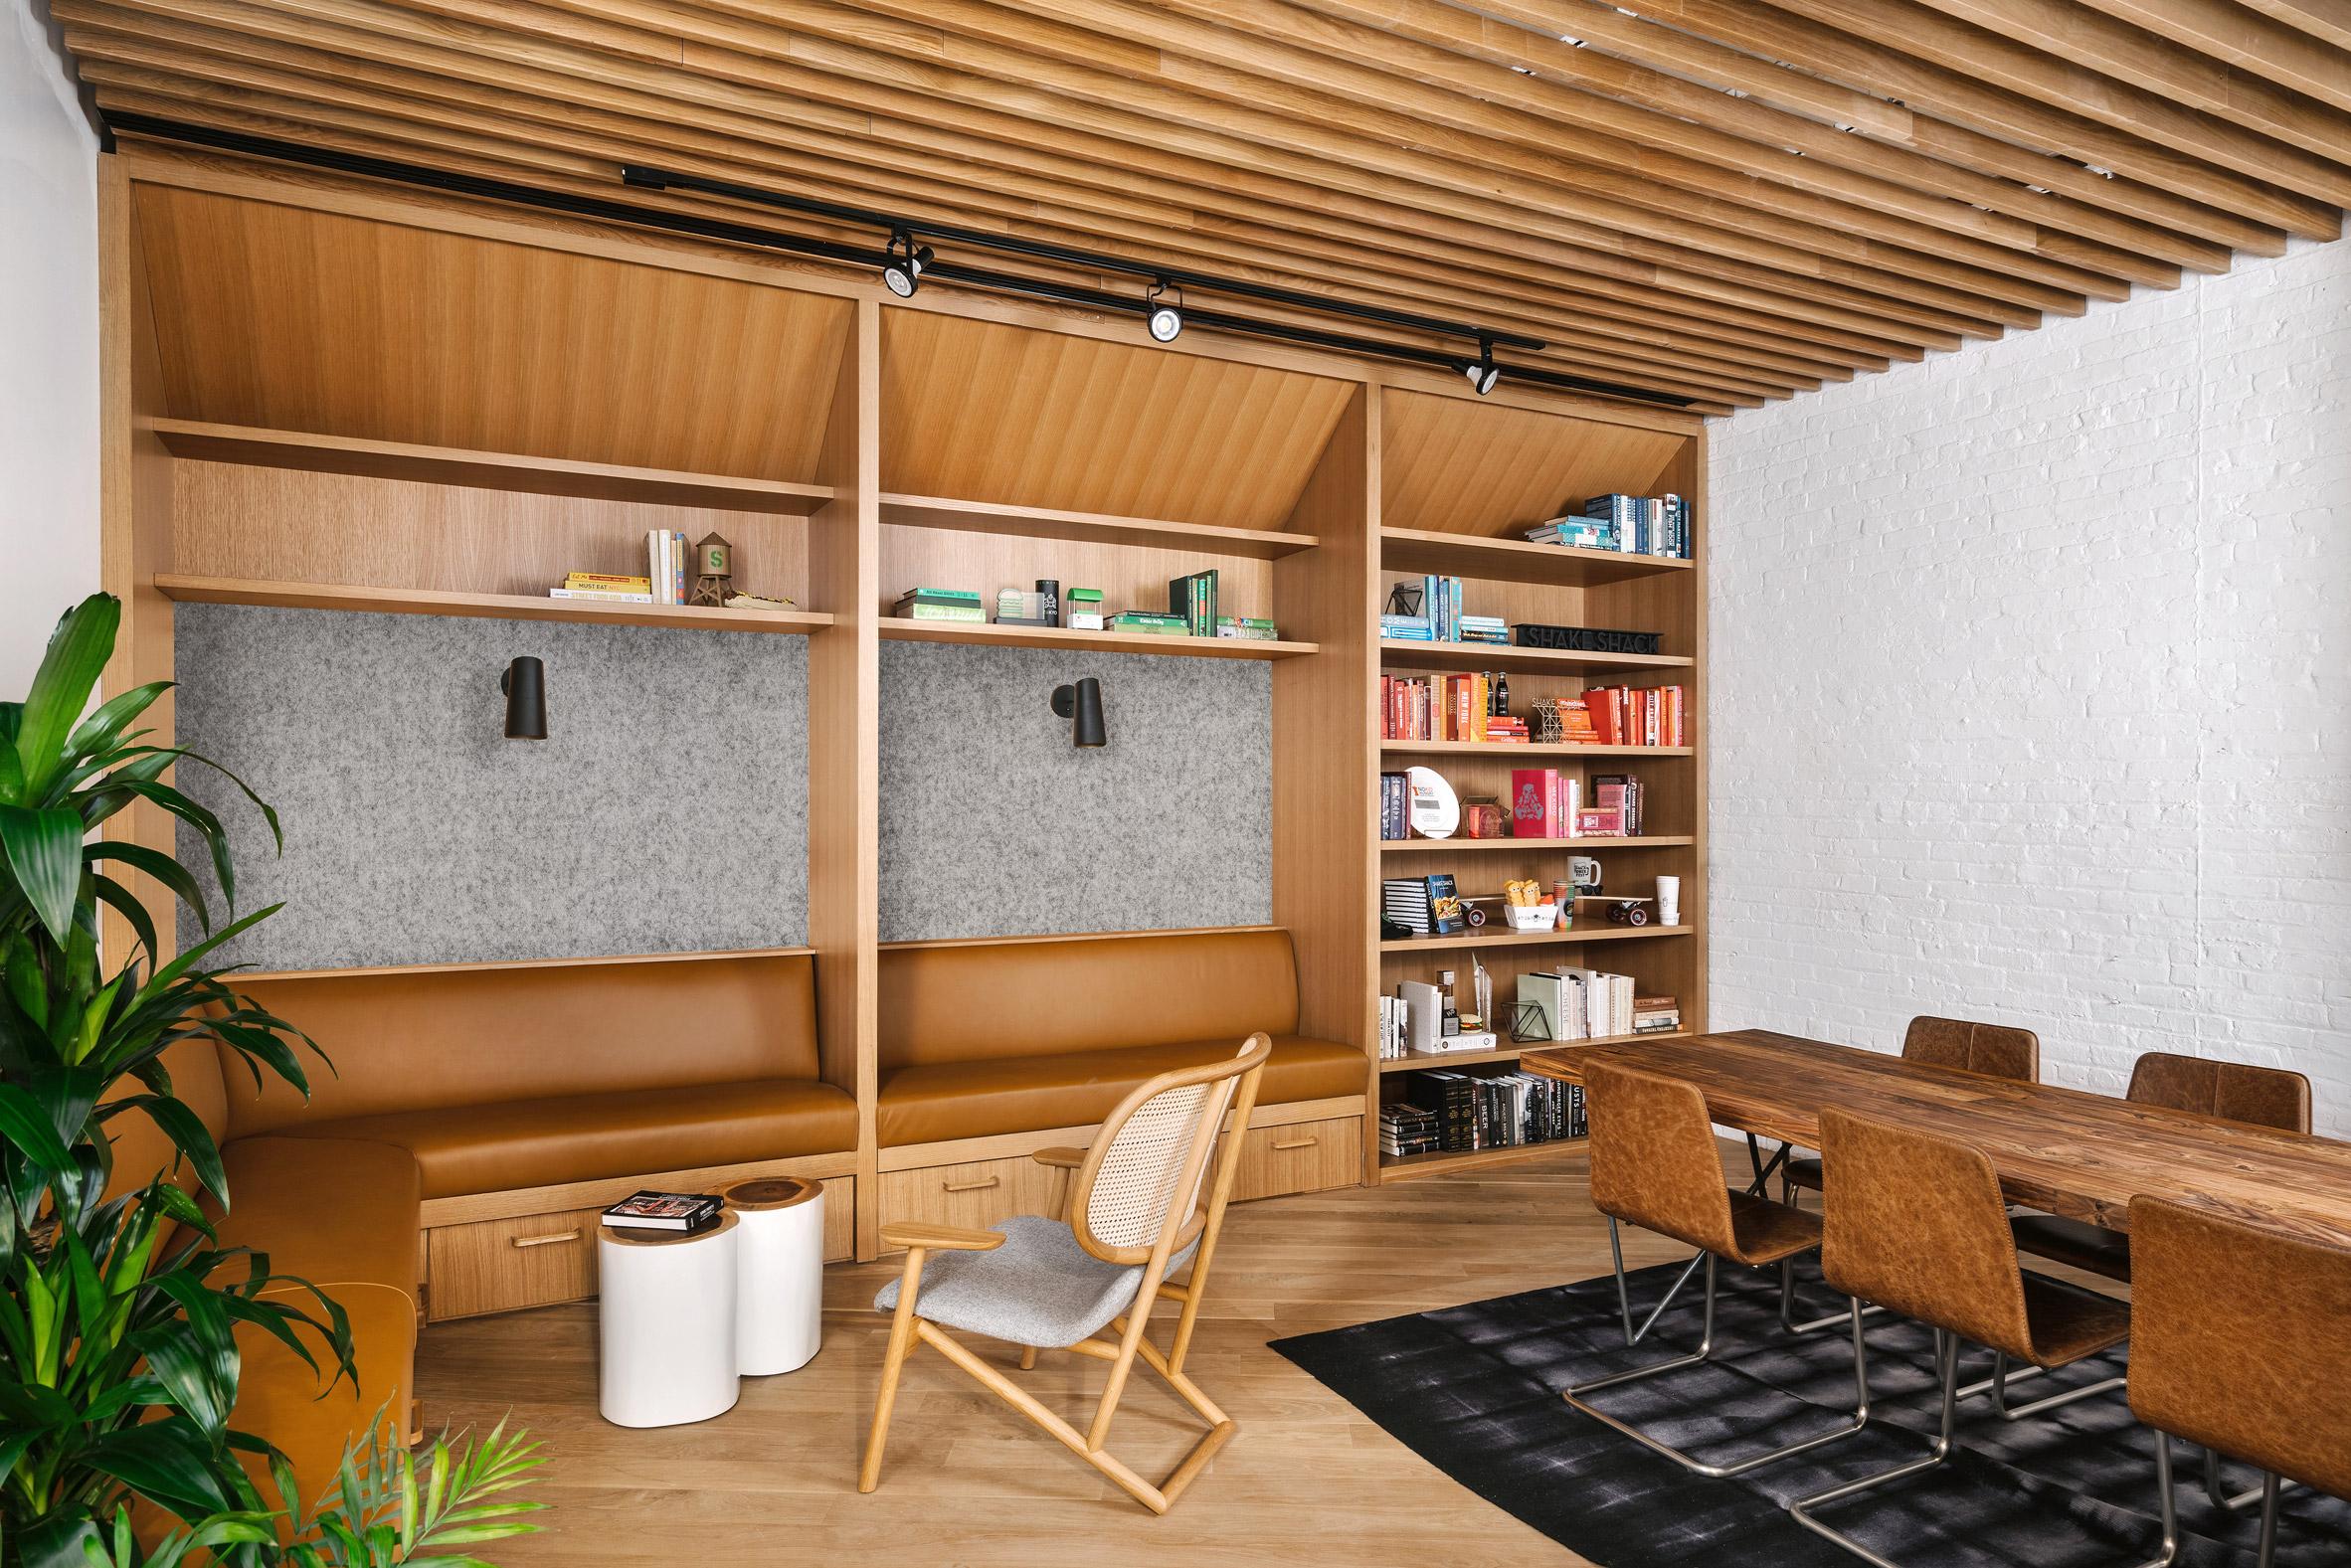 Thiết kế nội thất văn phòng cao cấp 5